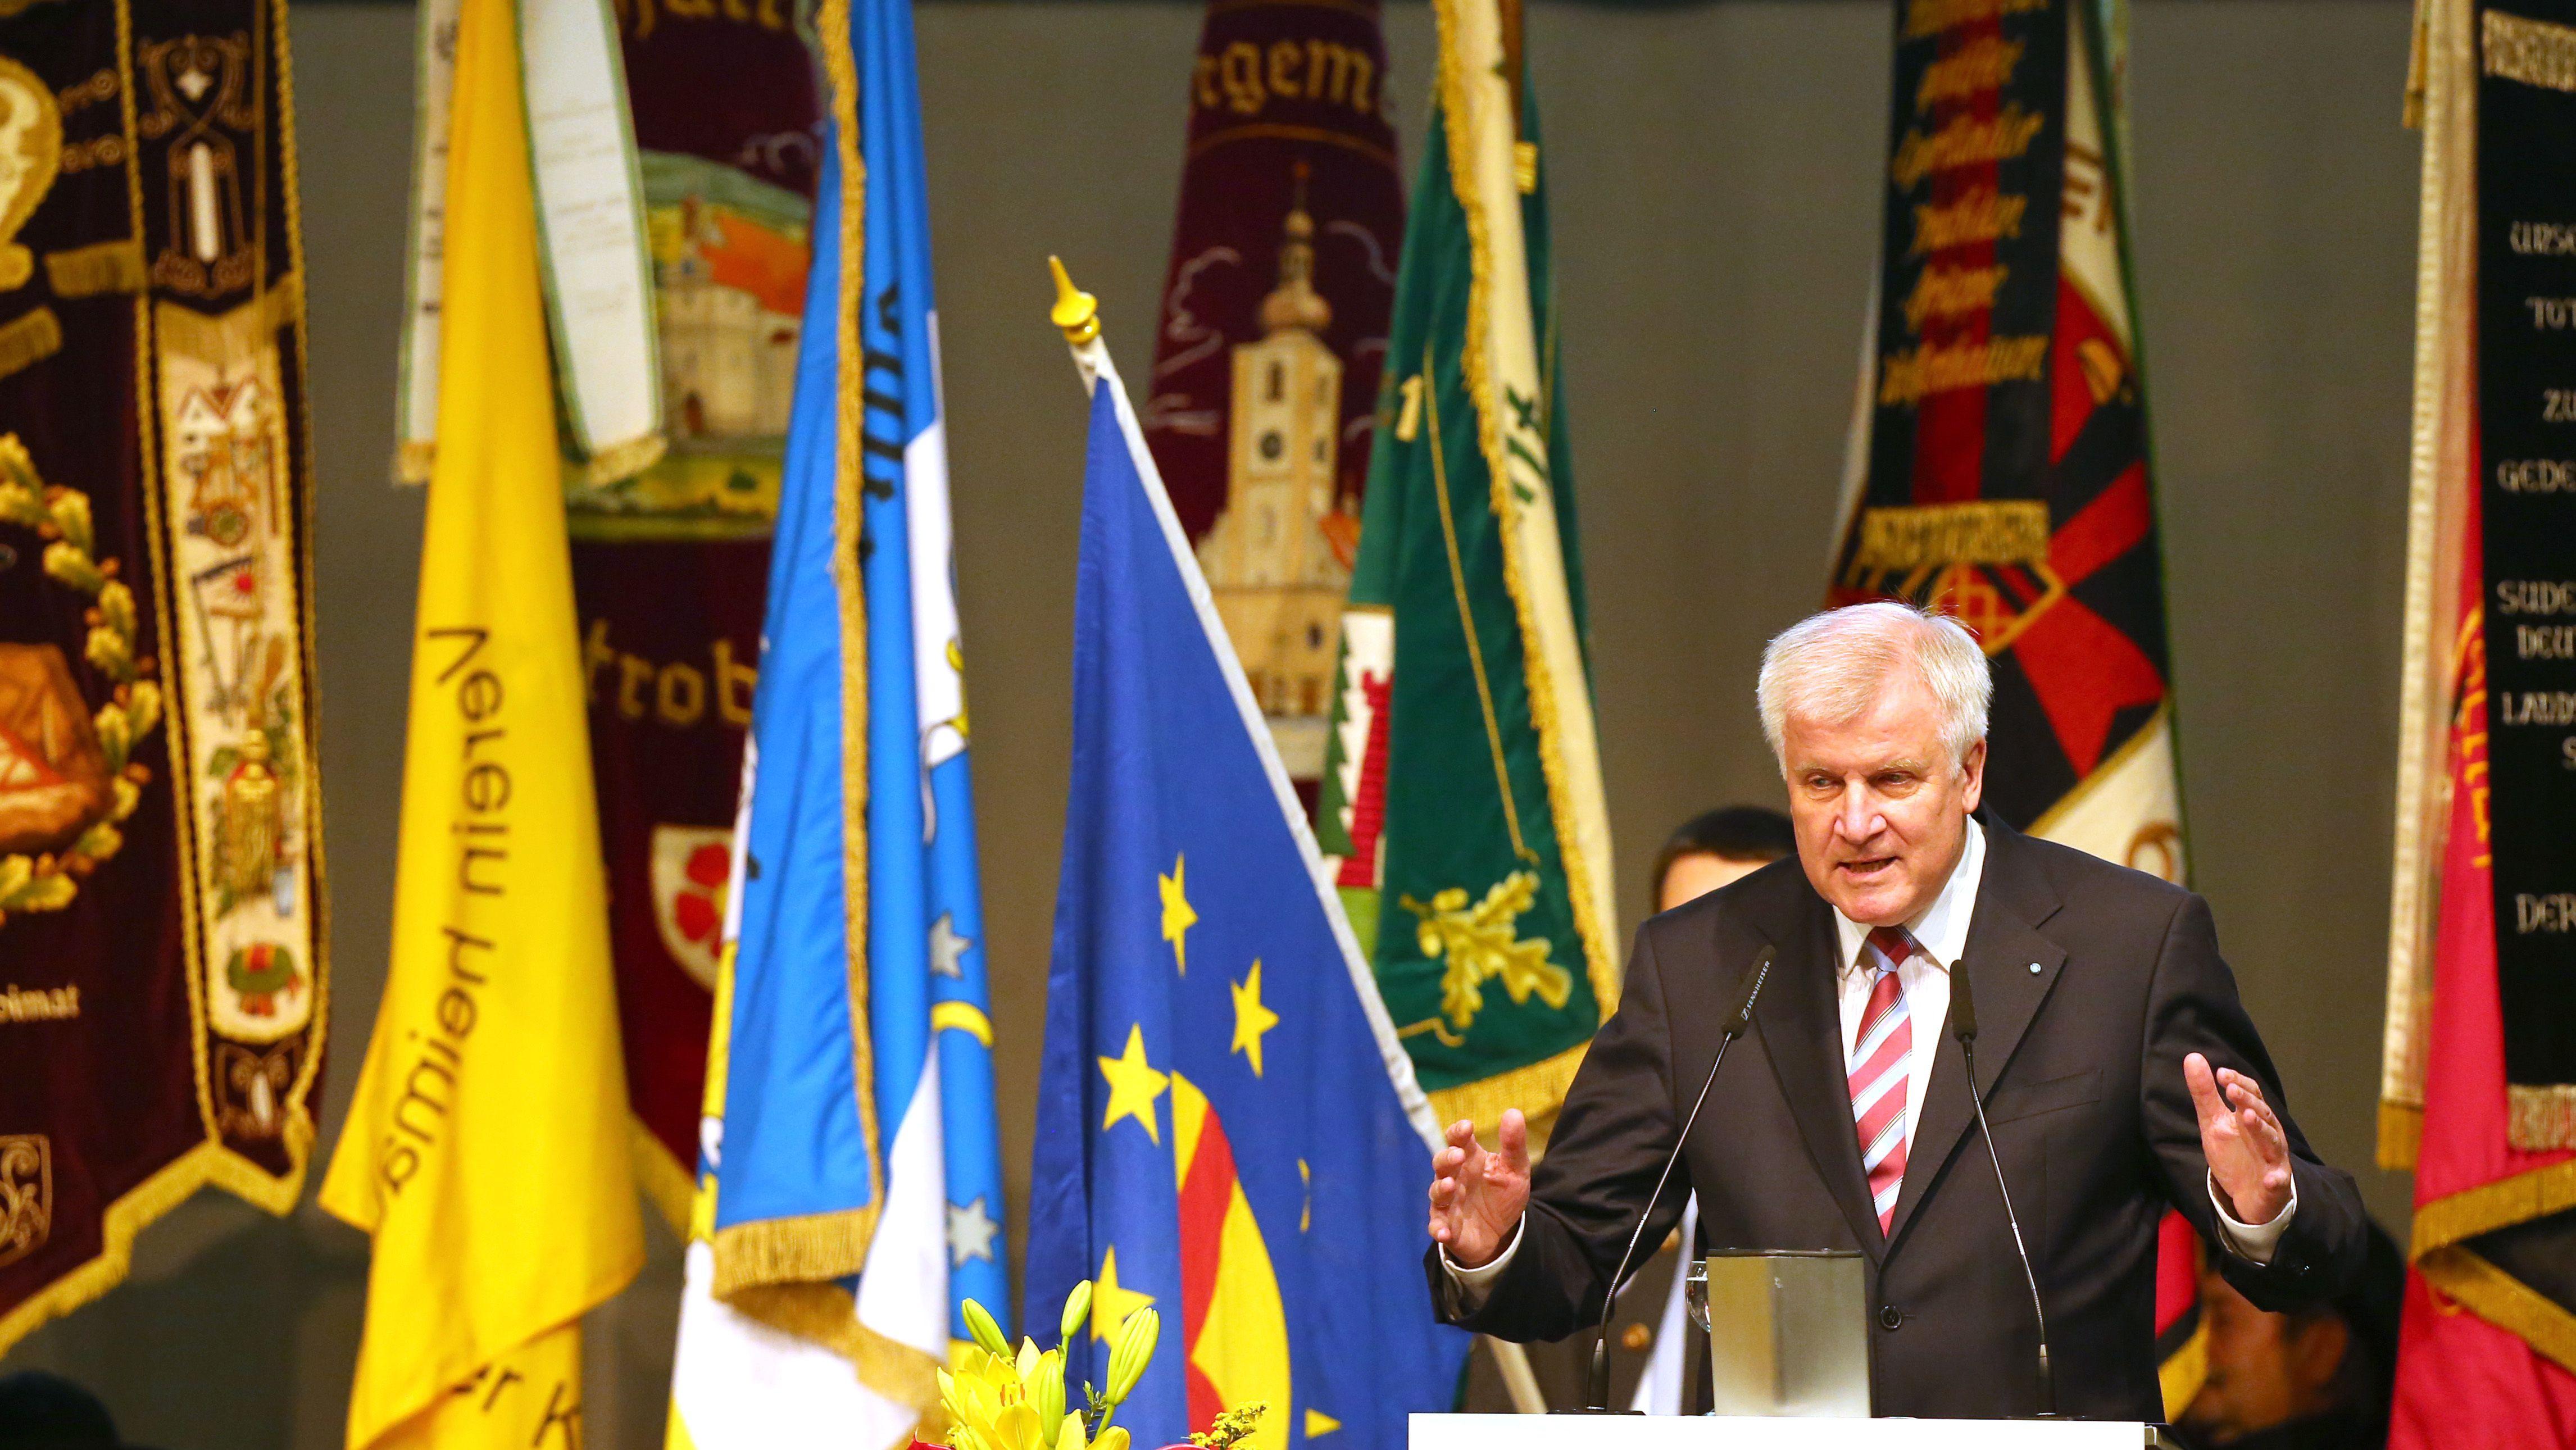 Horst Seehofer (CSU) als Ministerpräsident auf dem 66. Sudetendeutschen Tag.